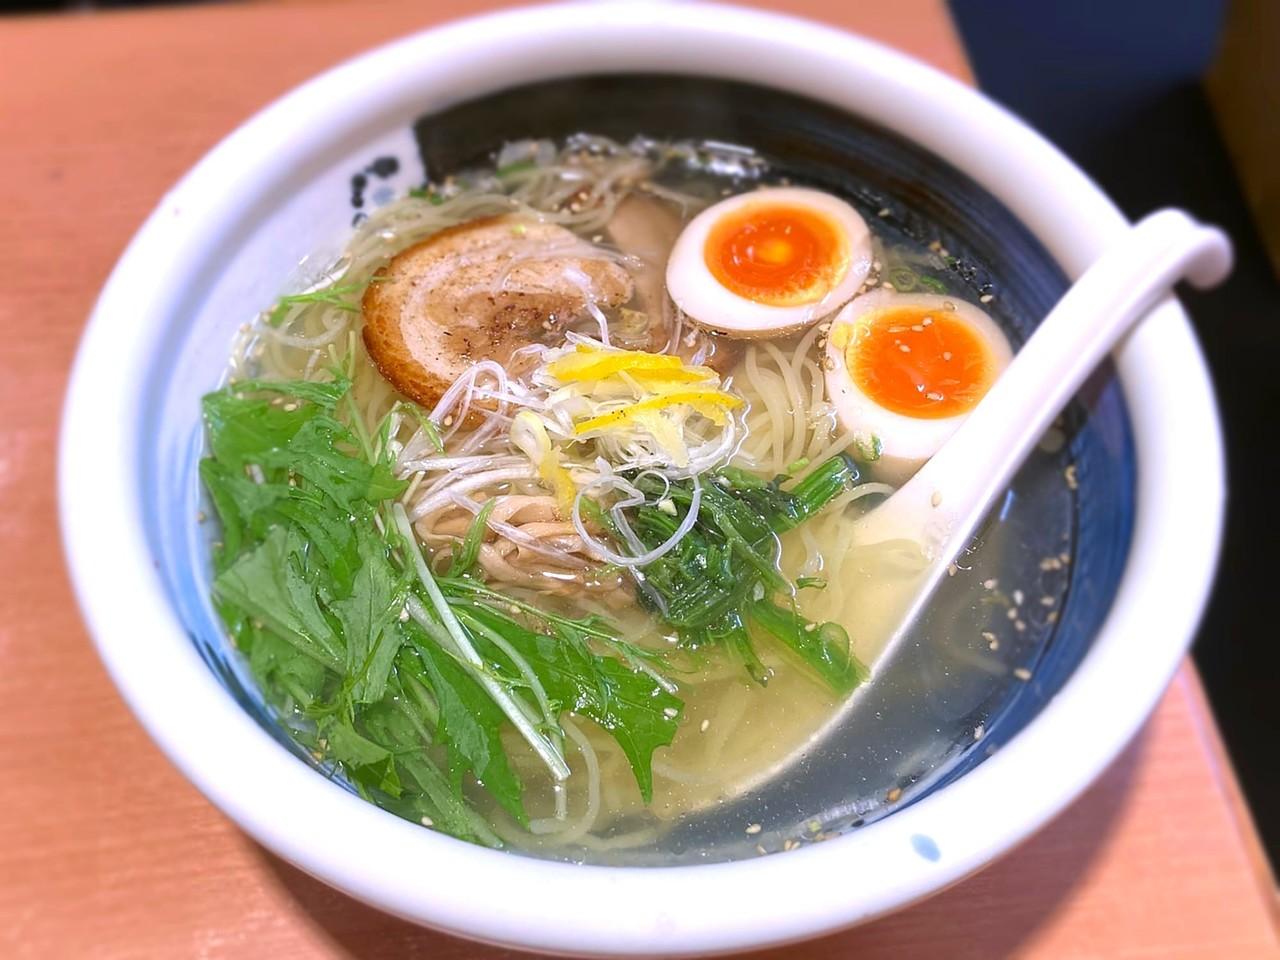 【2021年最新版】ここだけは押さえたい!飯田橋の人気のラーメン店14選 - サムネイル